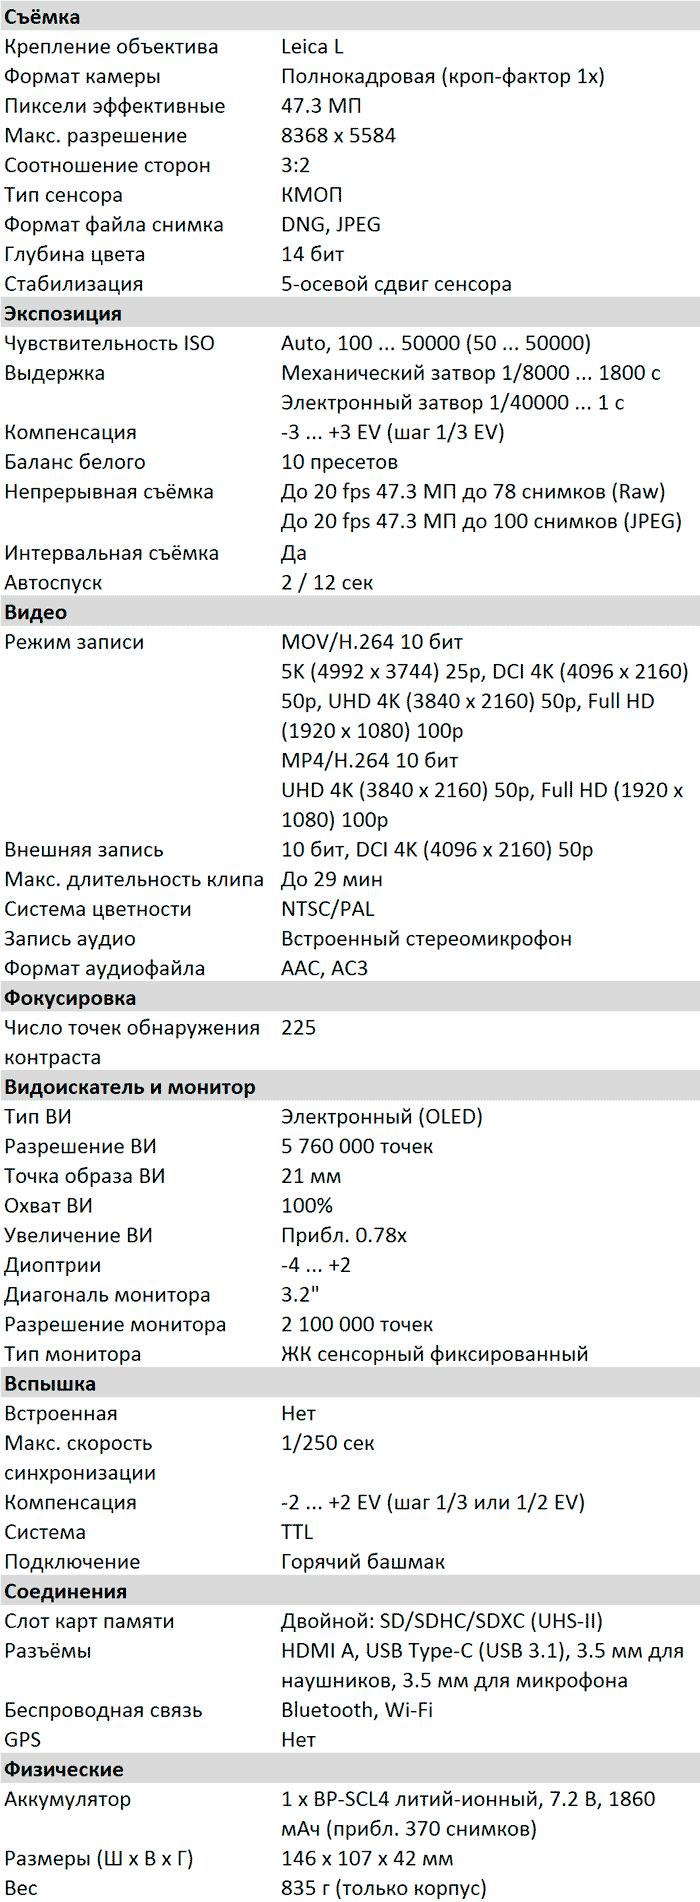 Характеристики Leica SL2